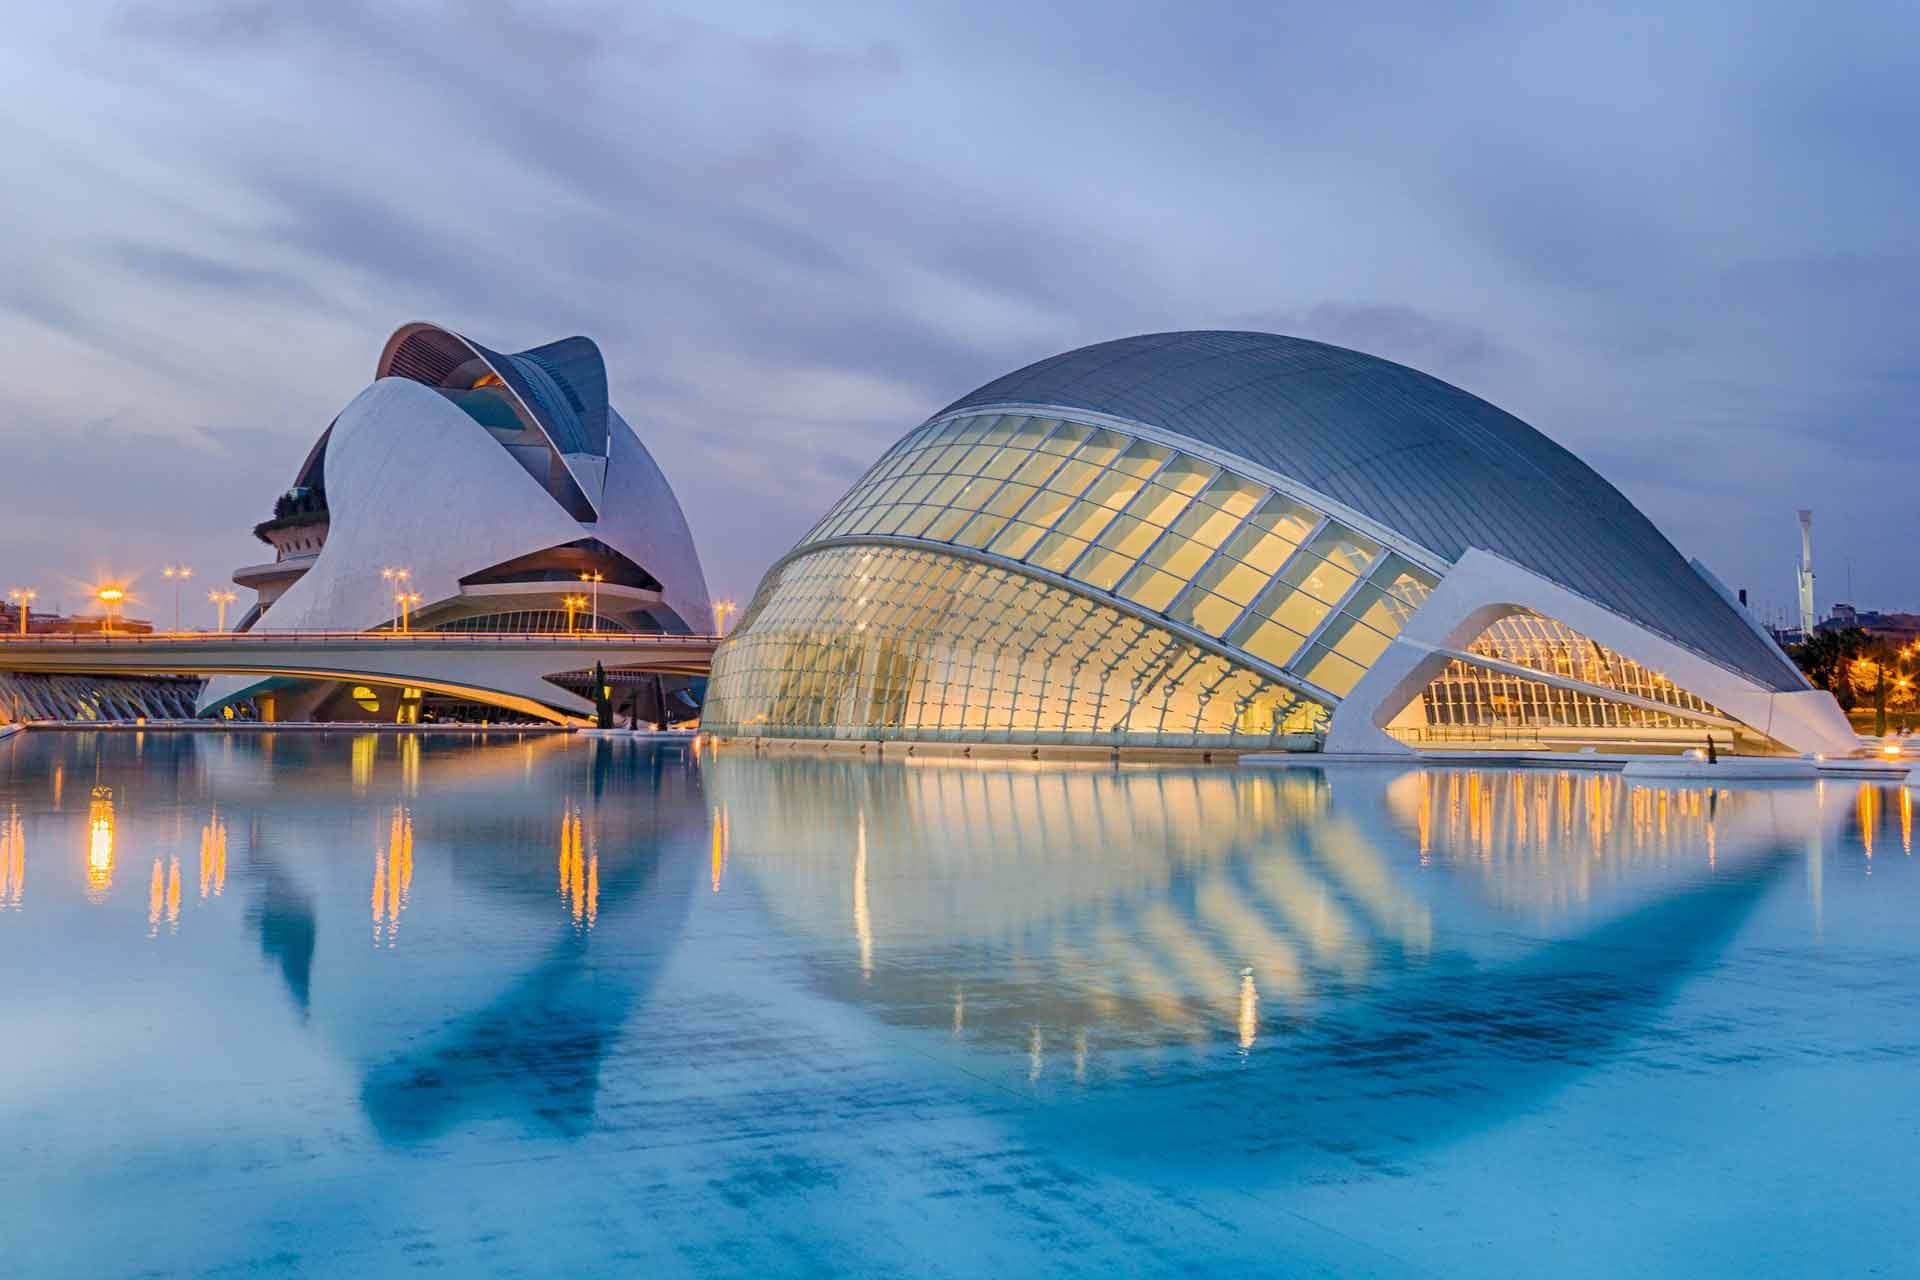 Vol Lyon Valence en Espagne à partir de 5€ l'aller simple, 10€ l'aller retour